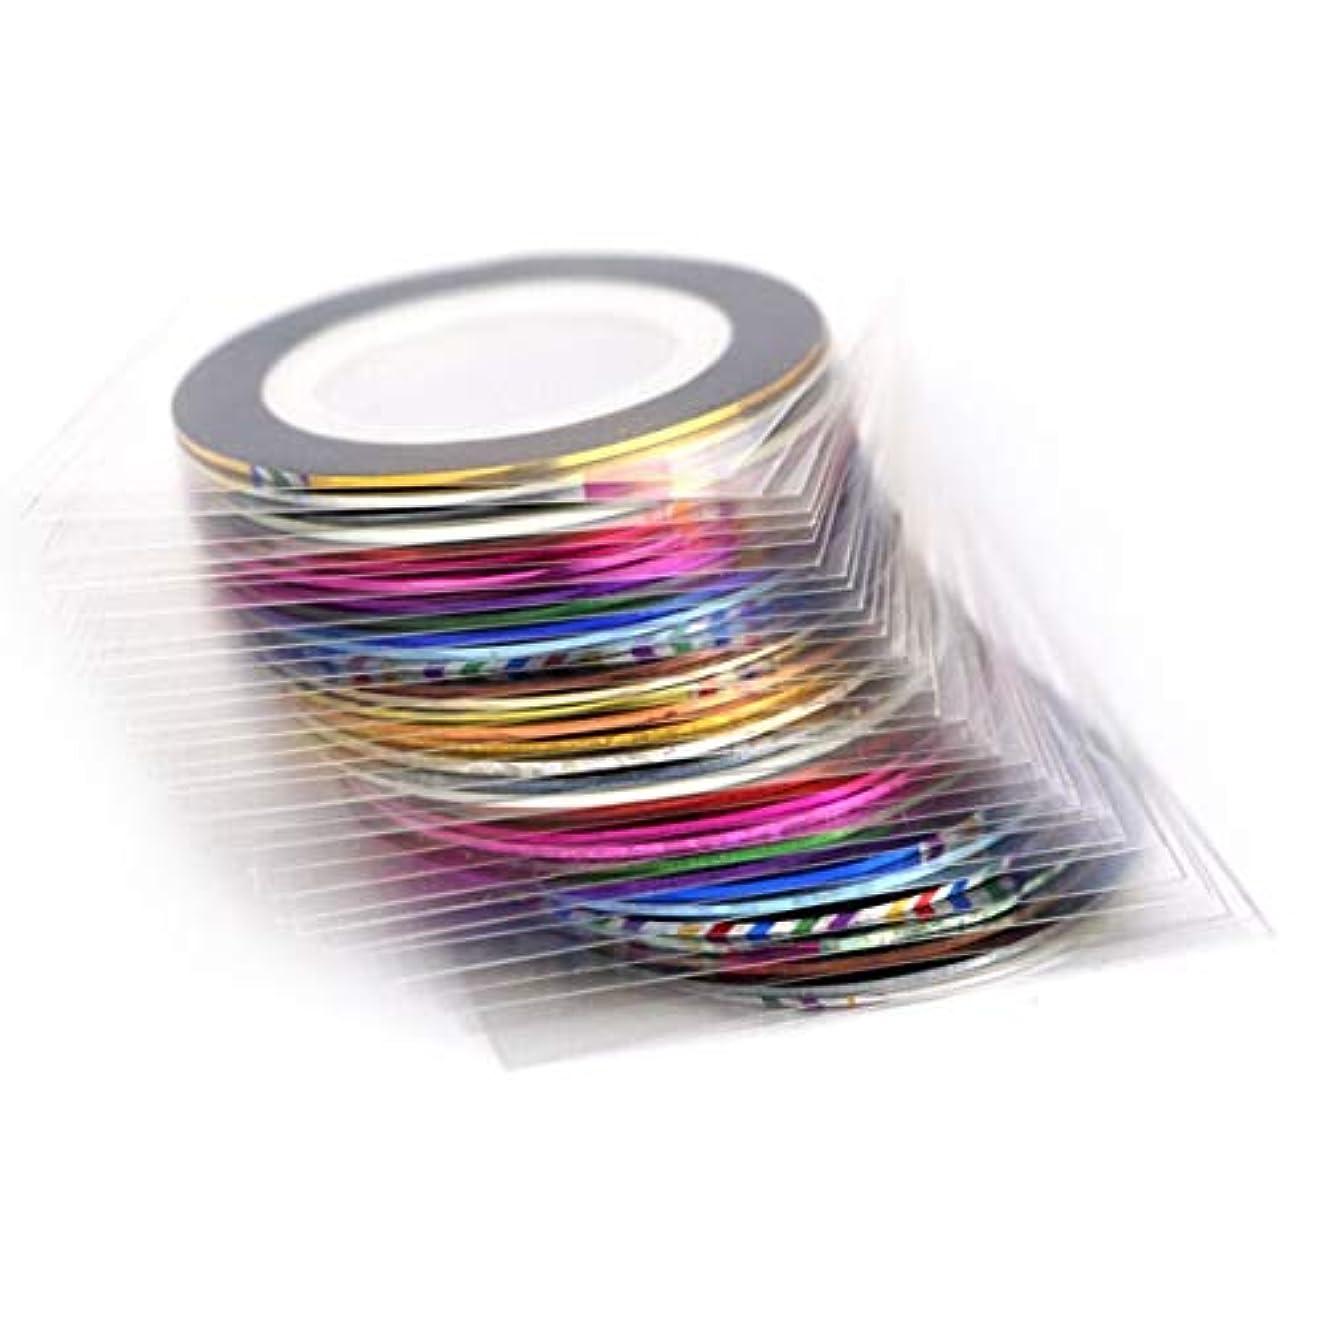 そよ風電気的安らぎバードランタンネイルゴールドスレッドペースト色付きドローイングライン接着テープネイルステッカー10色20色30色